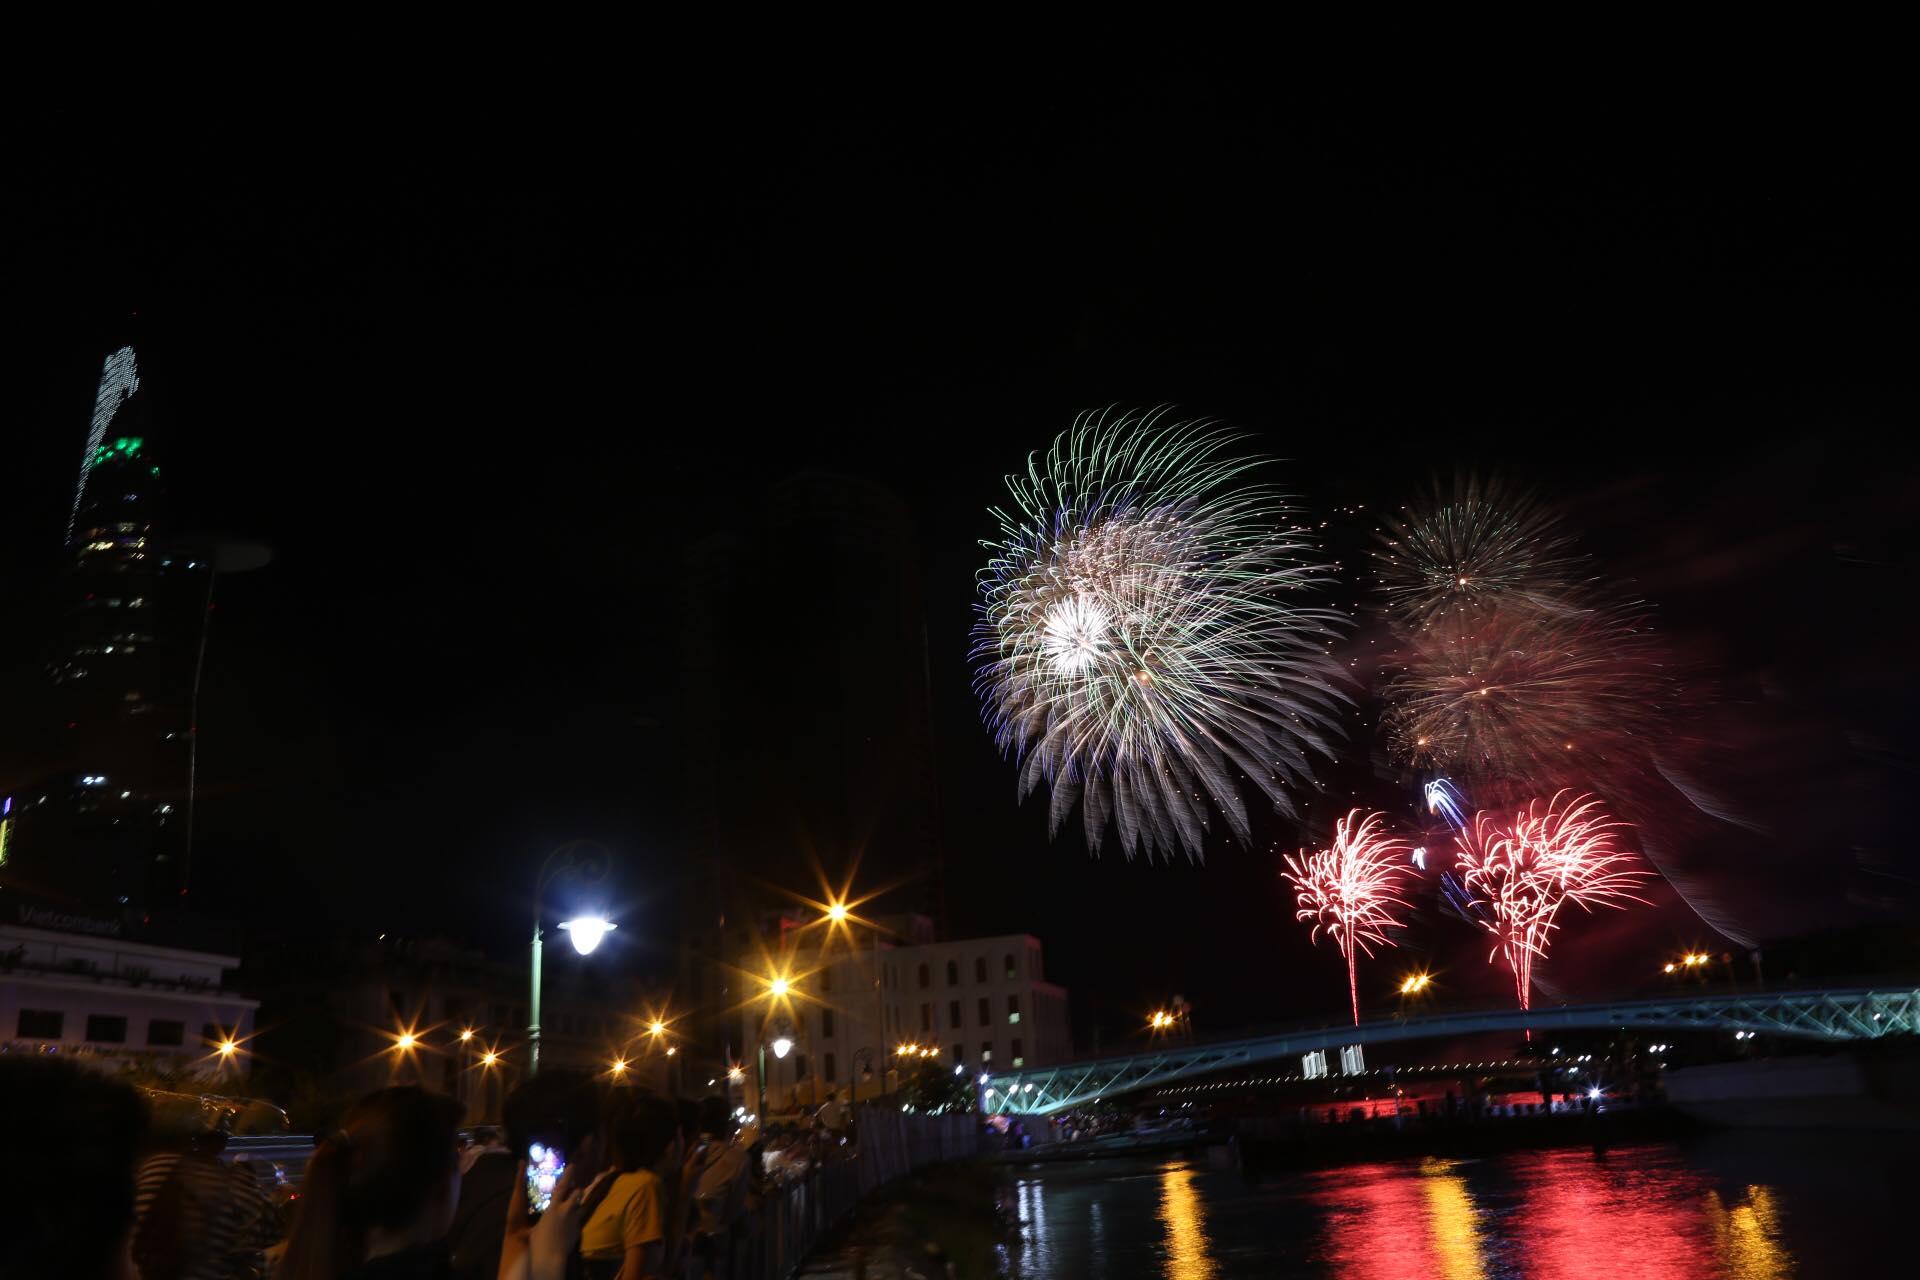 Hàng triệu người dân Sài Gòn xuống phố đón màn pháo hoa rực rỡ mừng năm mới 2019 - Ảnh 9